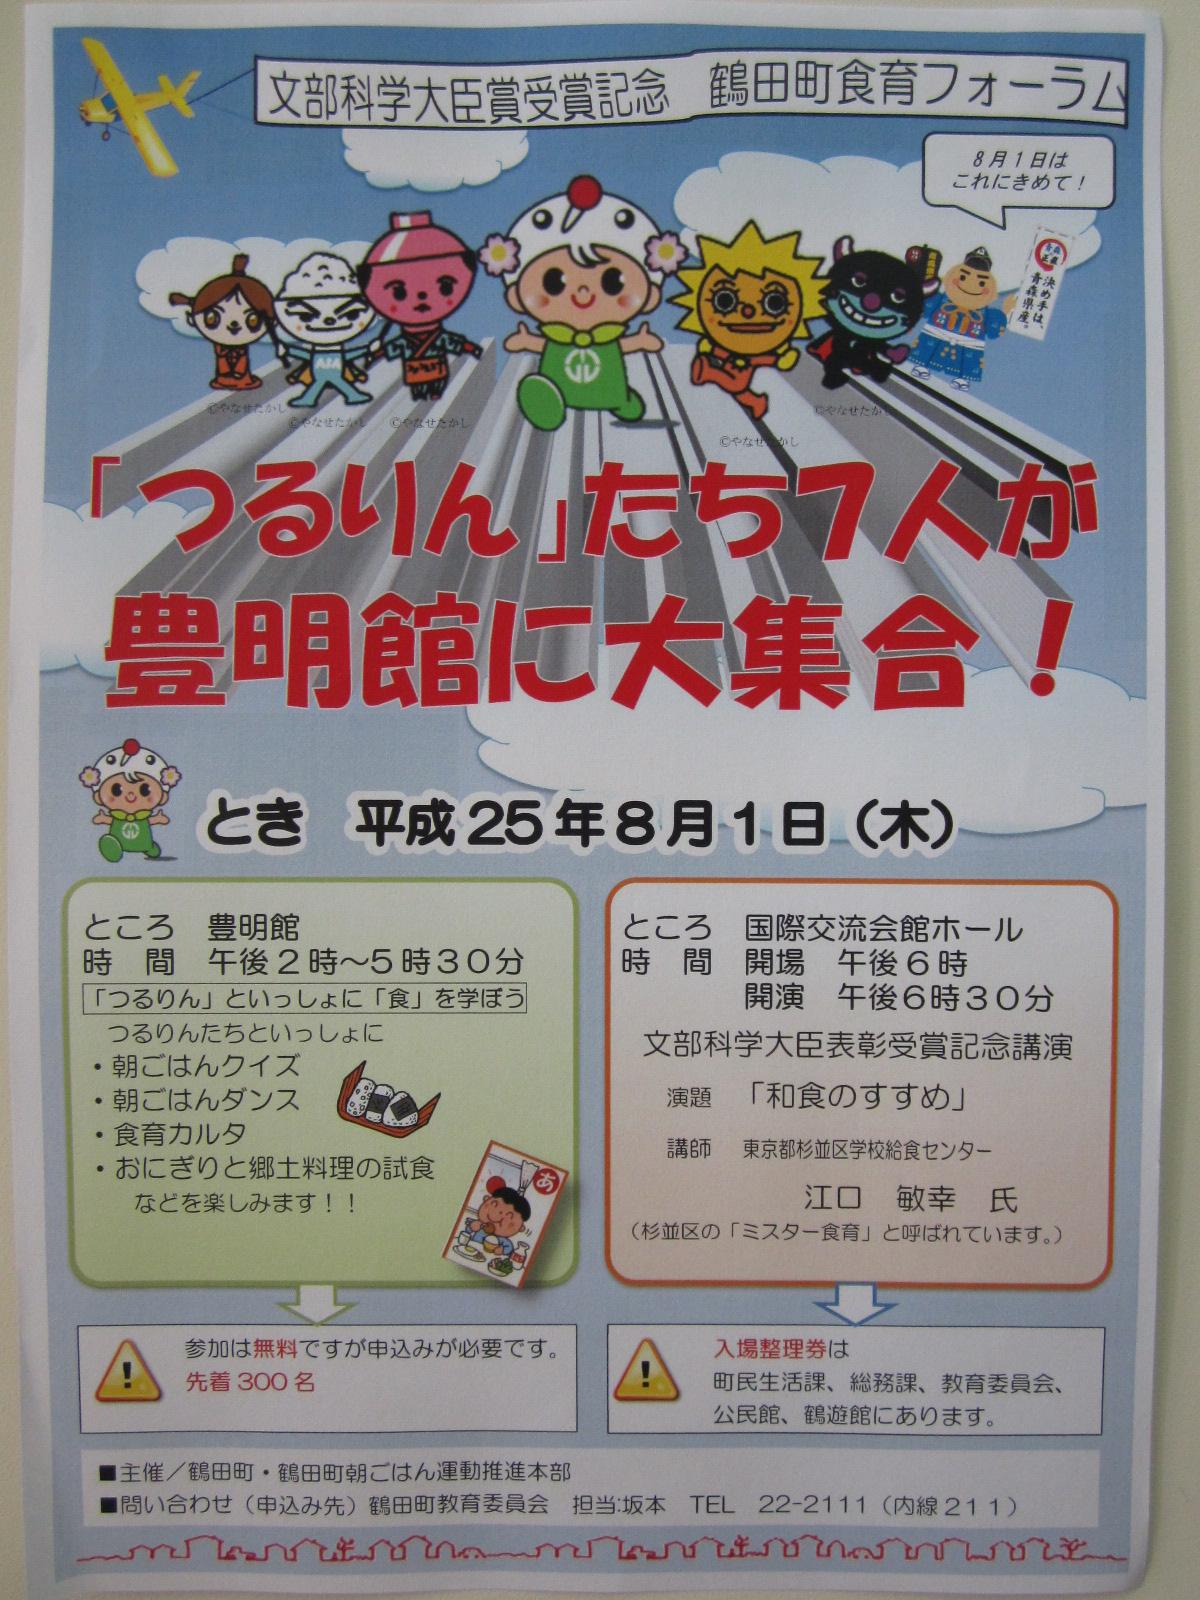 2013年8月1日 文部科学大臣賞受賞記念 鶴田町食育フォーラム